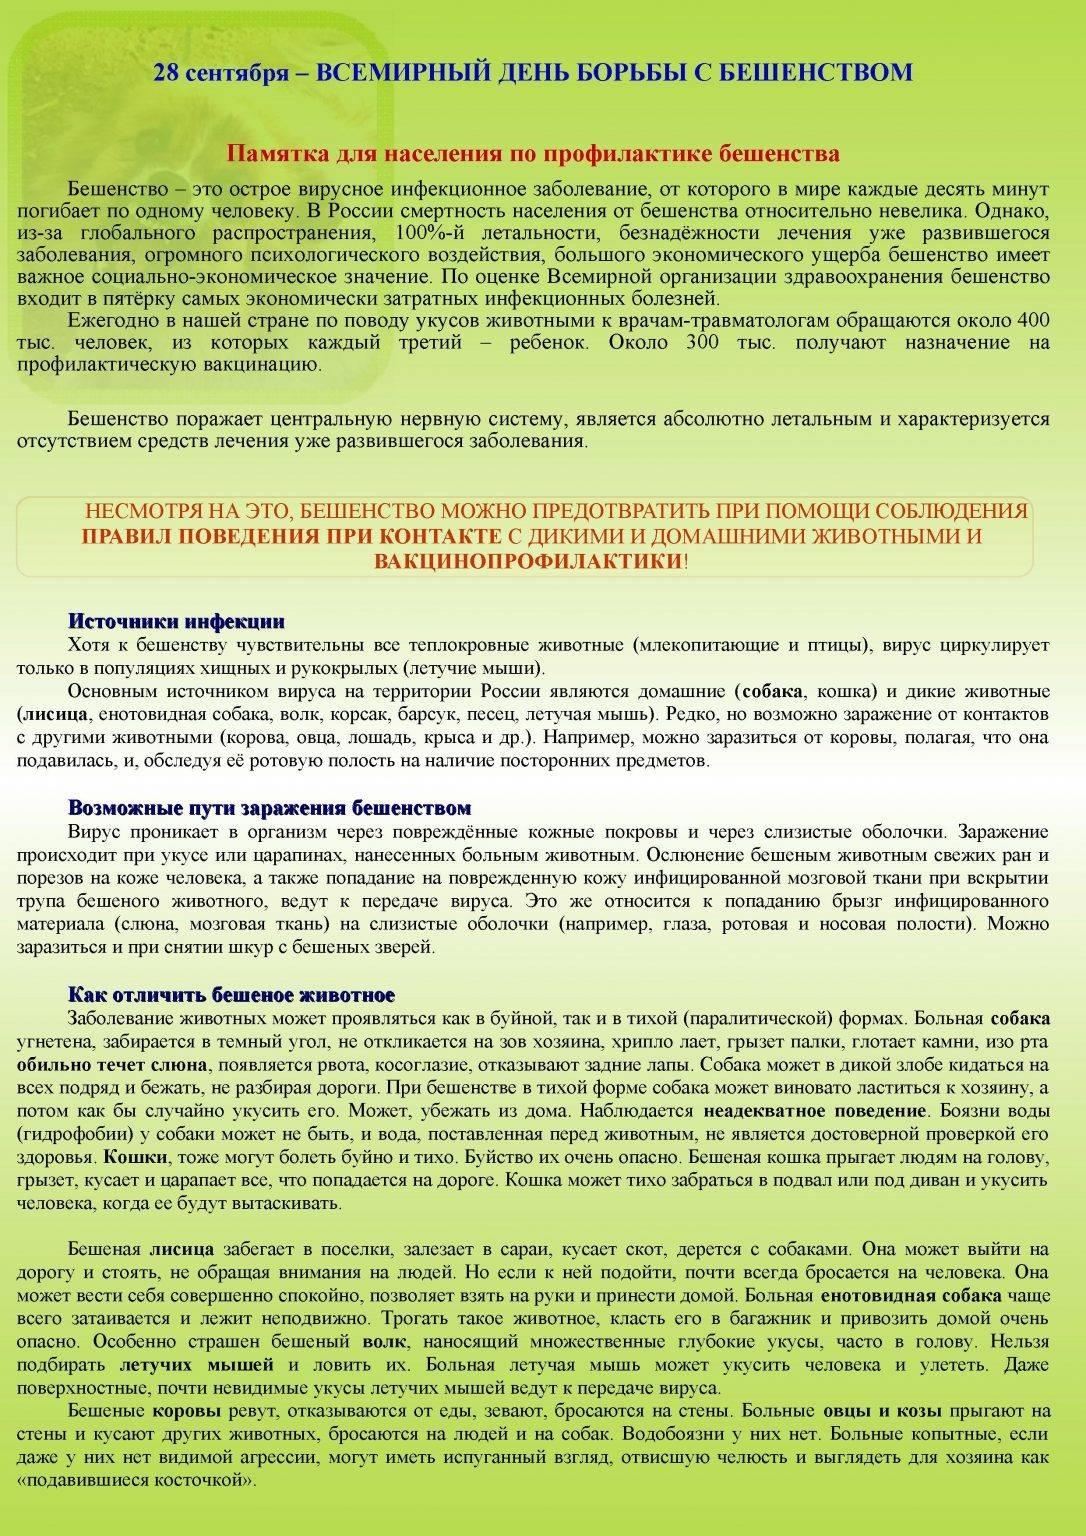 Парвовирусная инфекция (инфекционная эритема) - доказательная медицина для всех